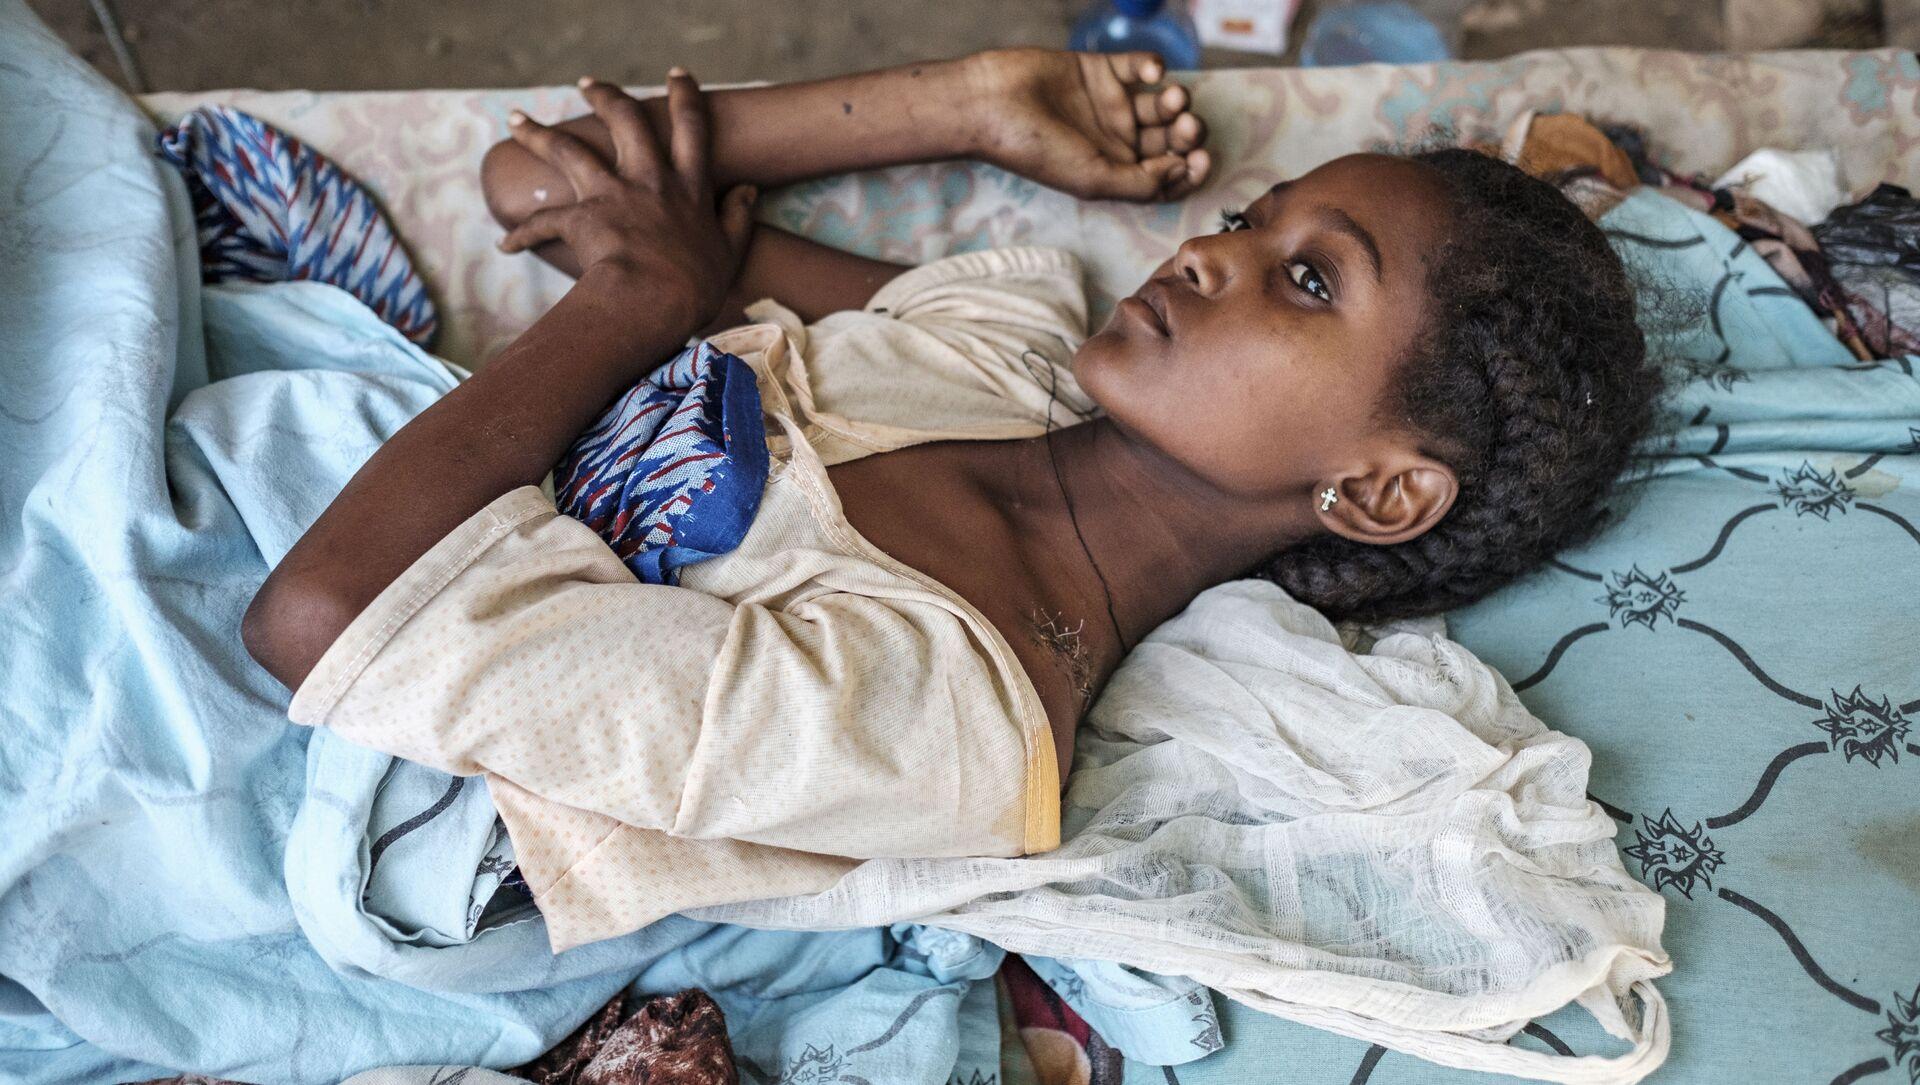 Девушка, пострадавшая в ходе боевых действий в Хумере, Эфиопия - Sputnik Mundo, 1920, 25.11.2020